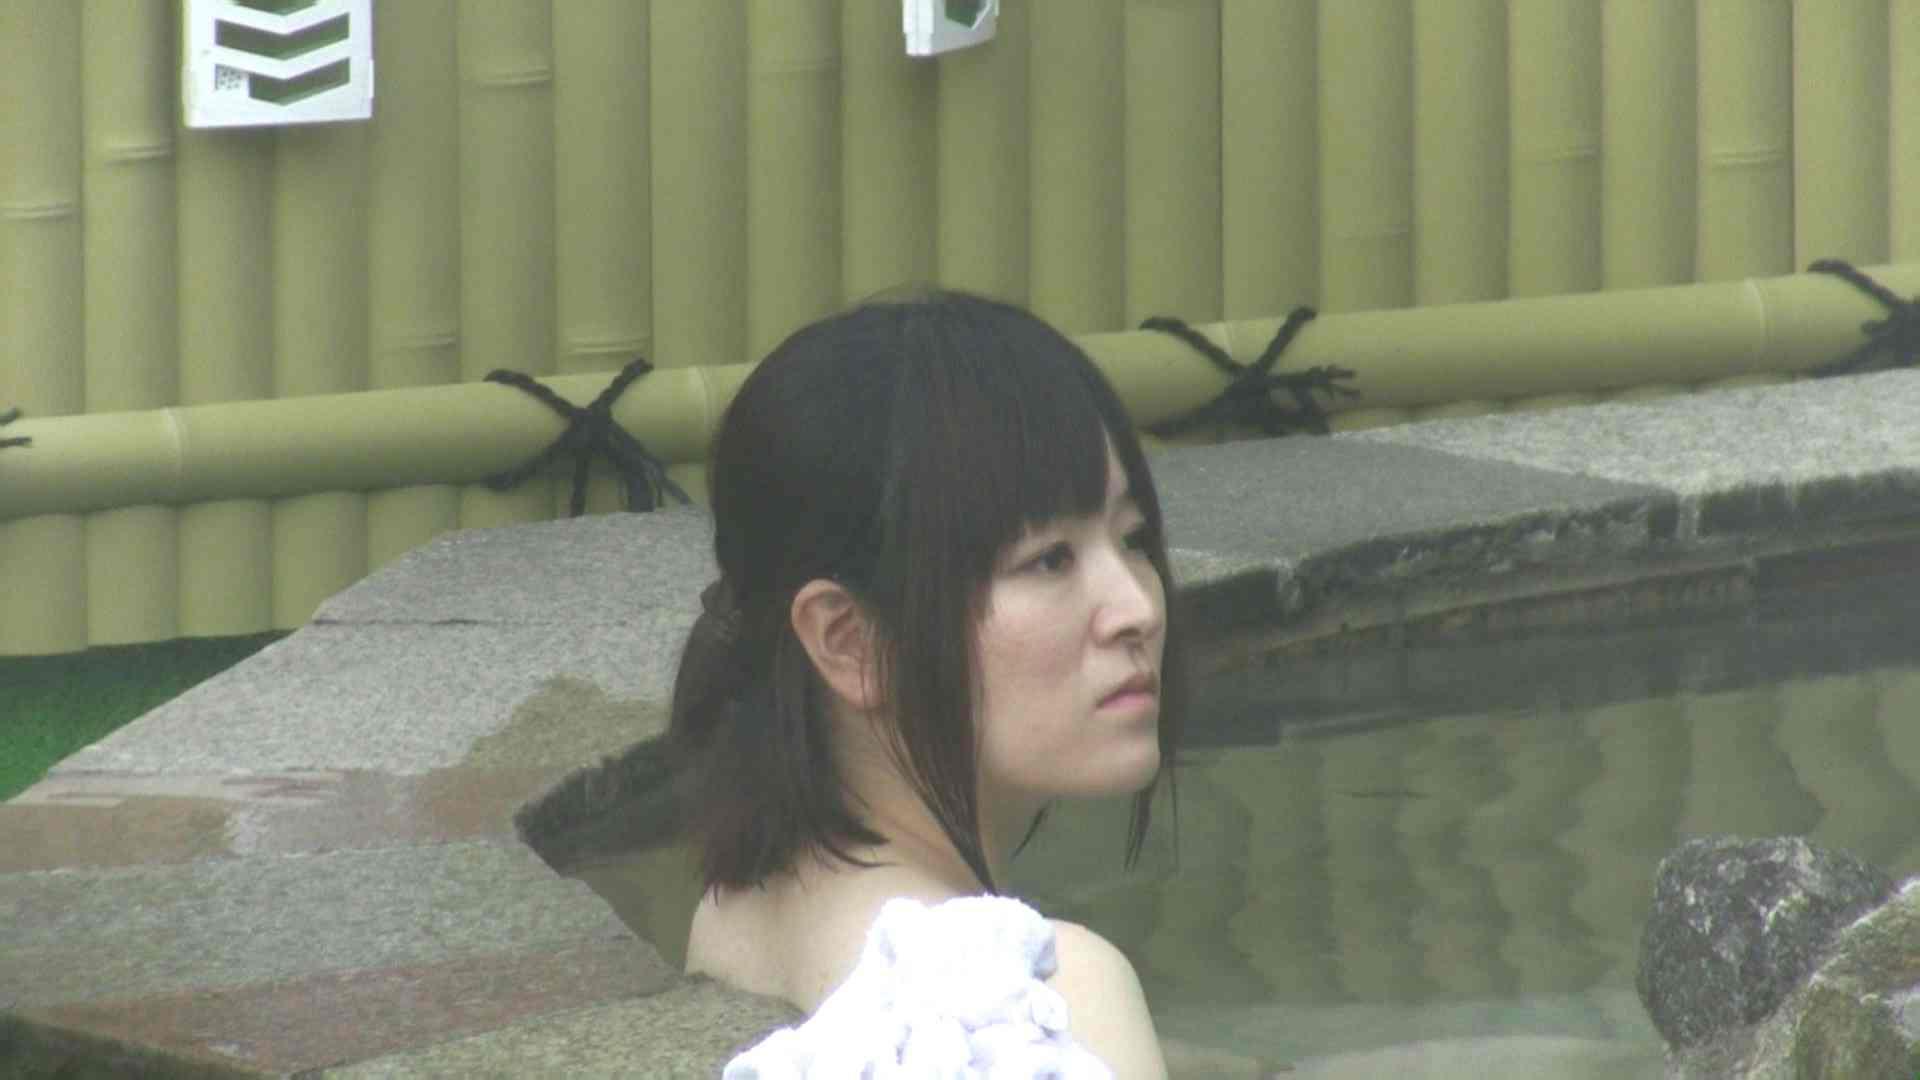 Aquaな露天風呂Vol.606 露天   盗撮  92pic 3